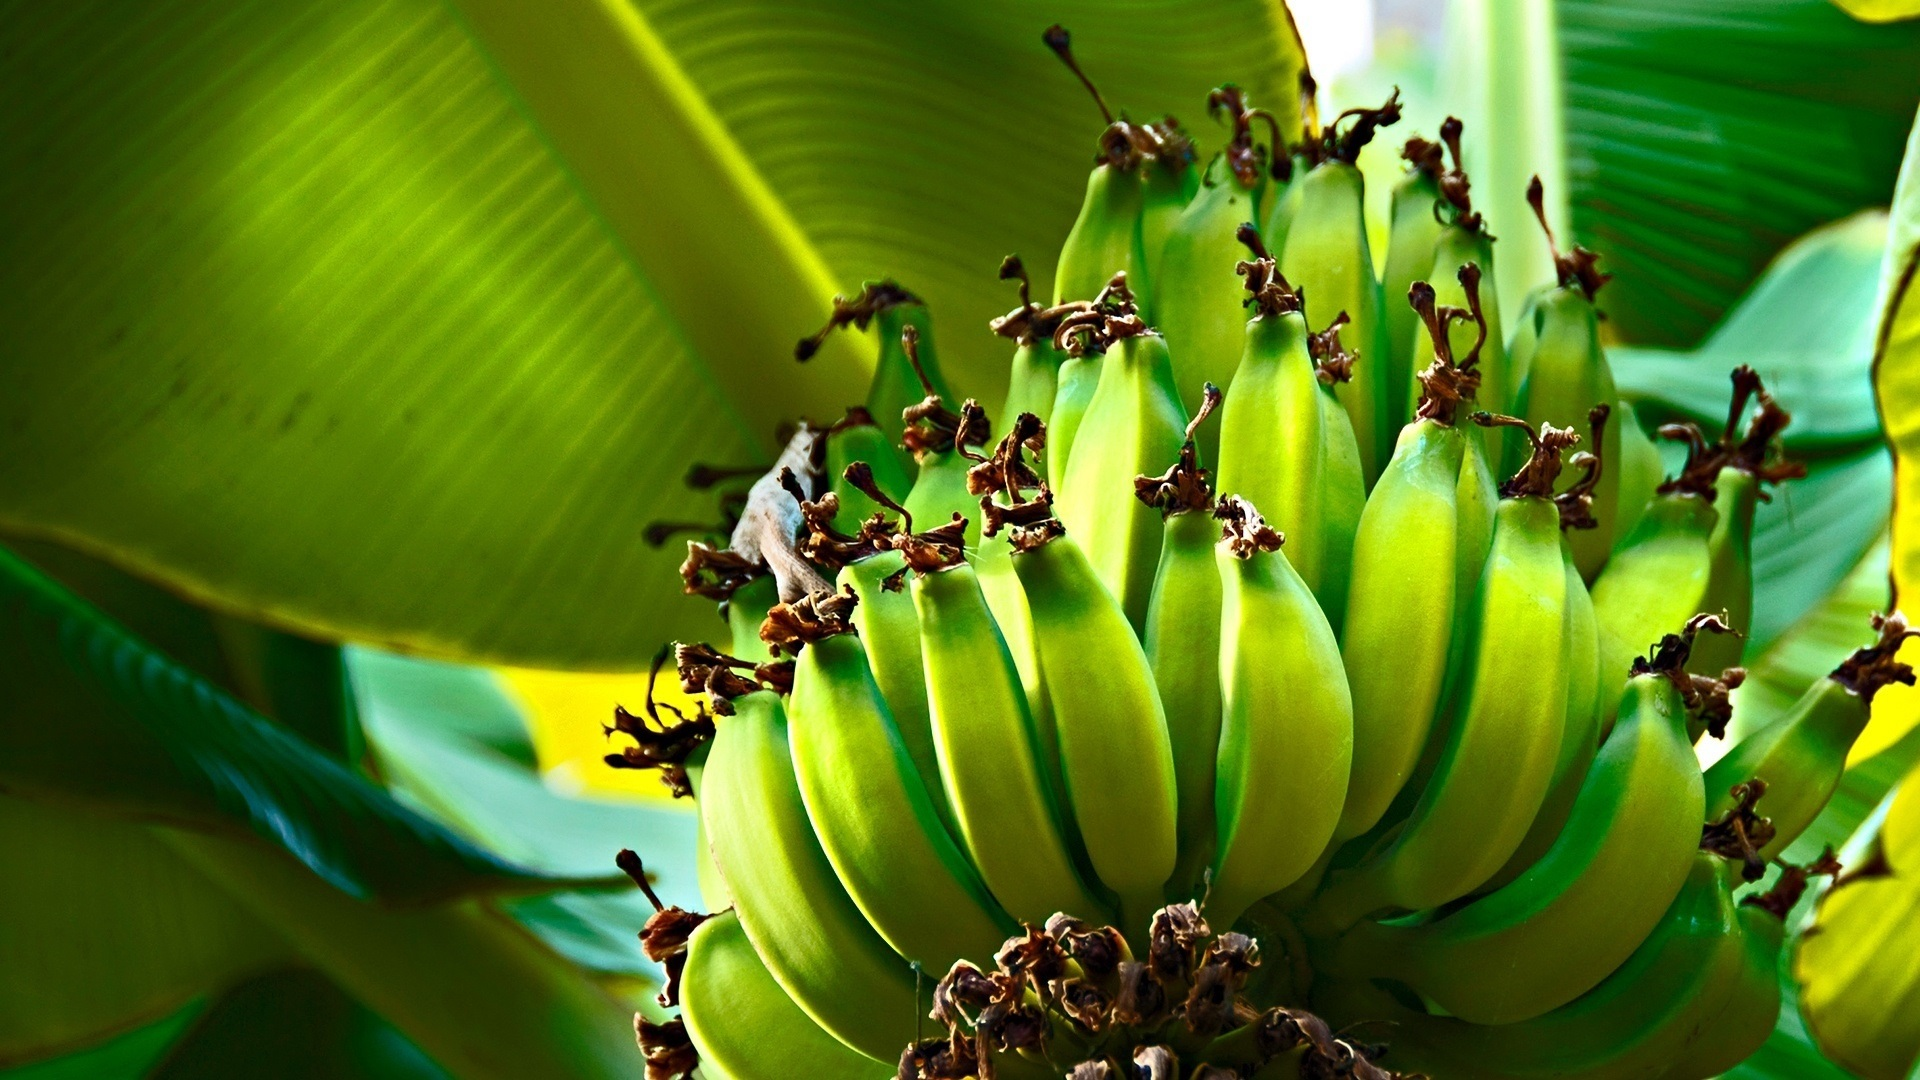 绿色的香蕉,大蕉,树叶,树 壁纸图片